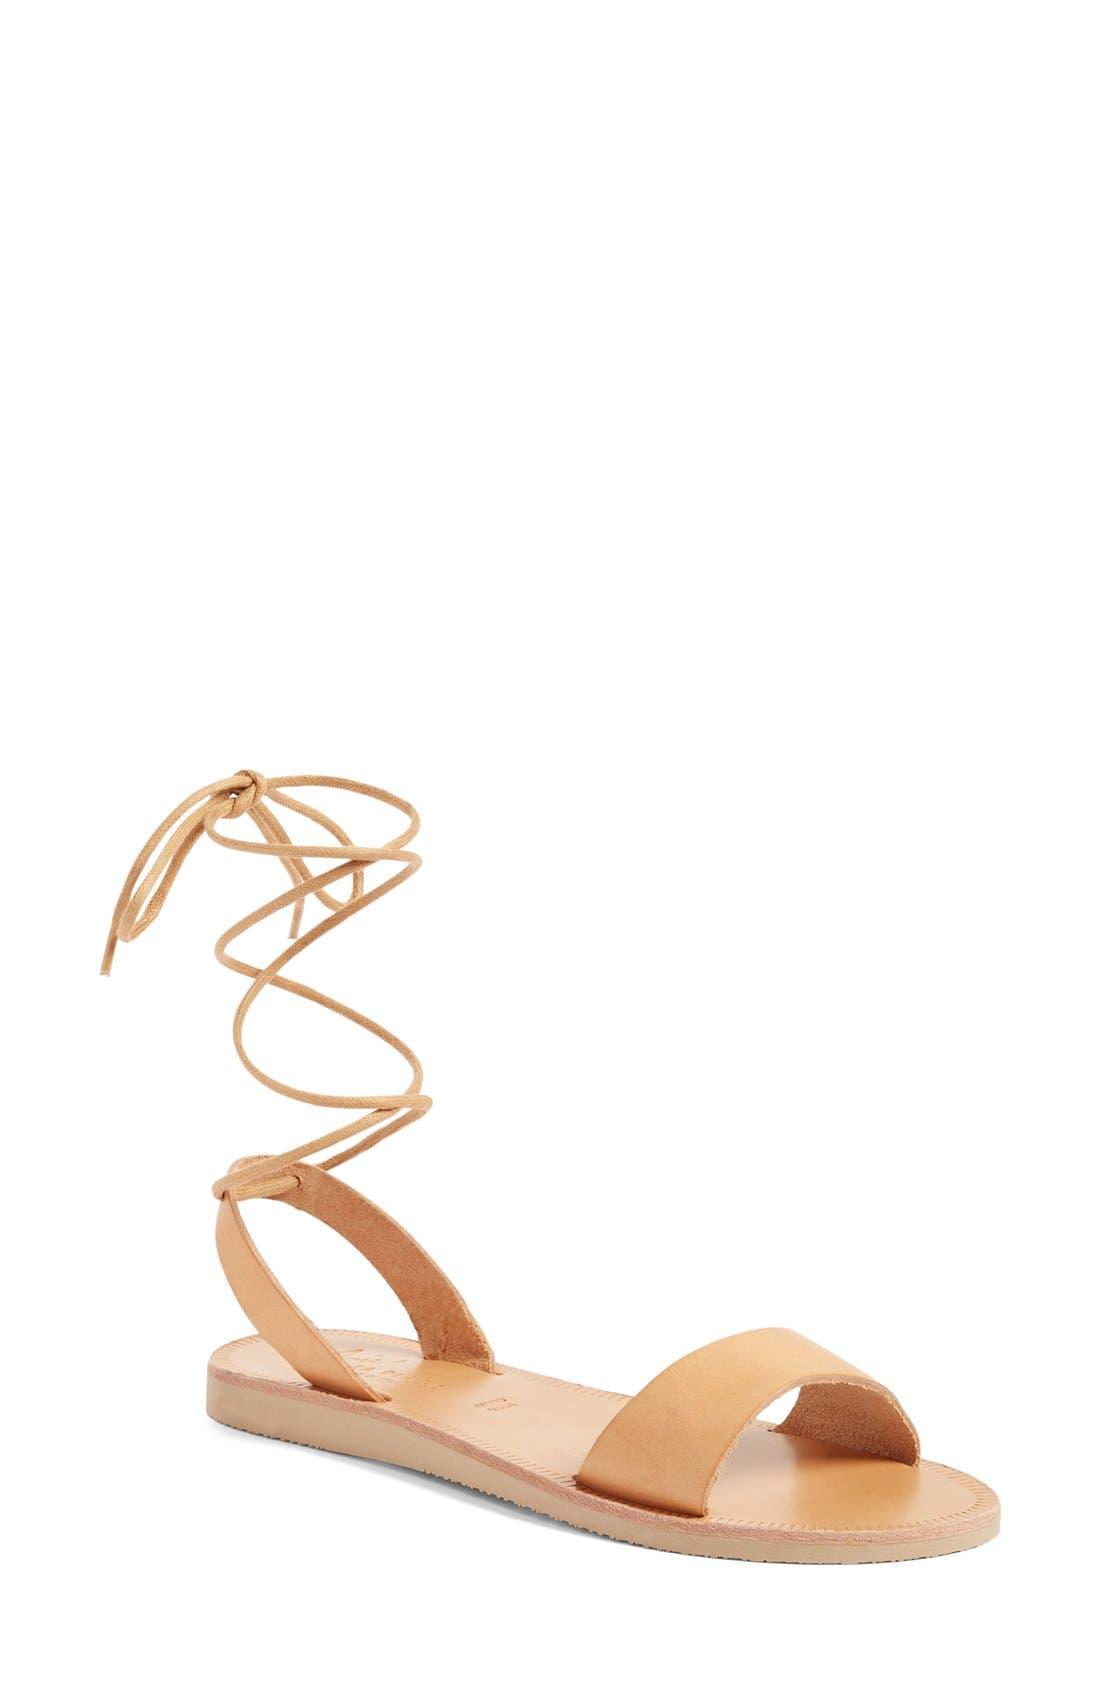 Pietra Ankle Wrap Sandal,                             Main thumbnail 1, color,